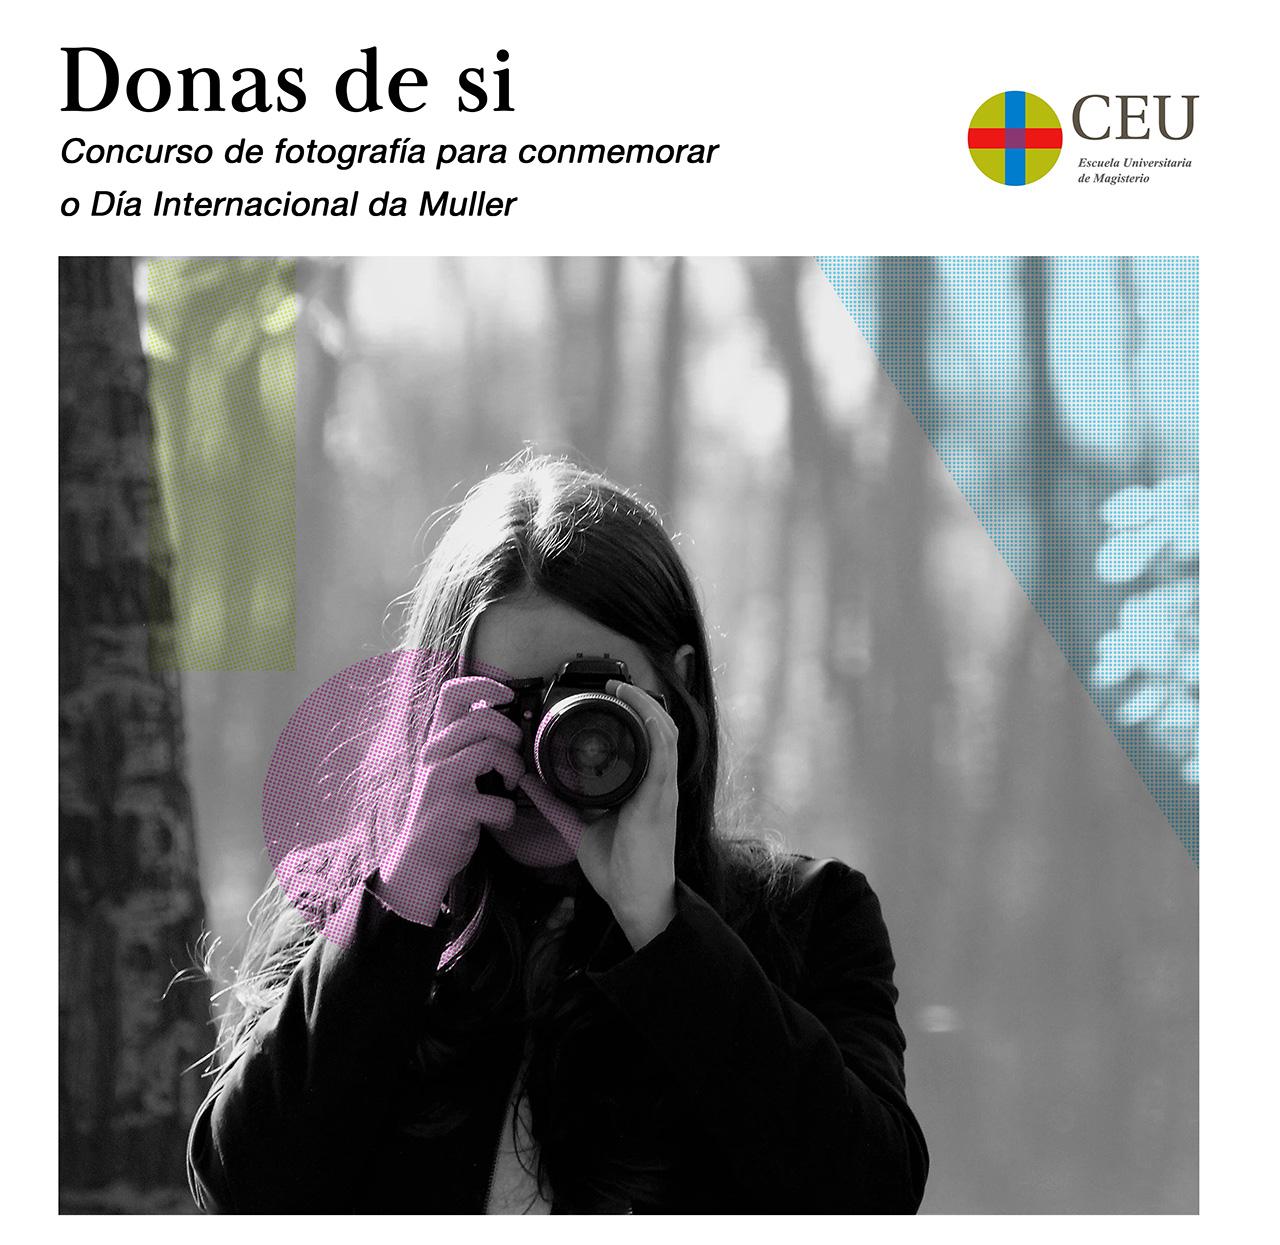 O concurso fotográfico Donas de si xa ten gañadores